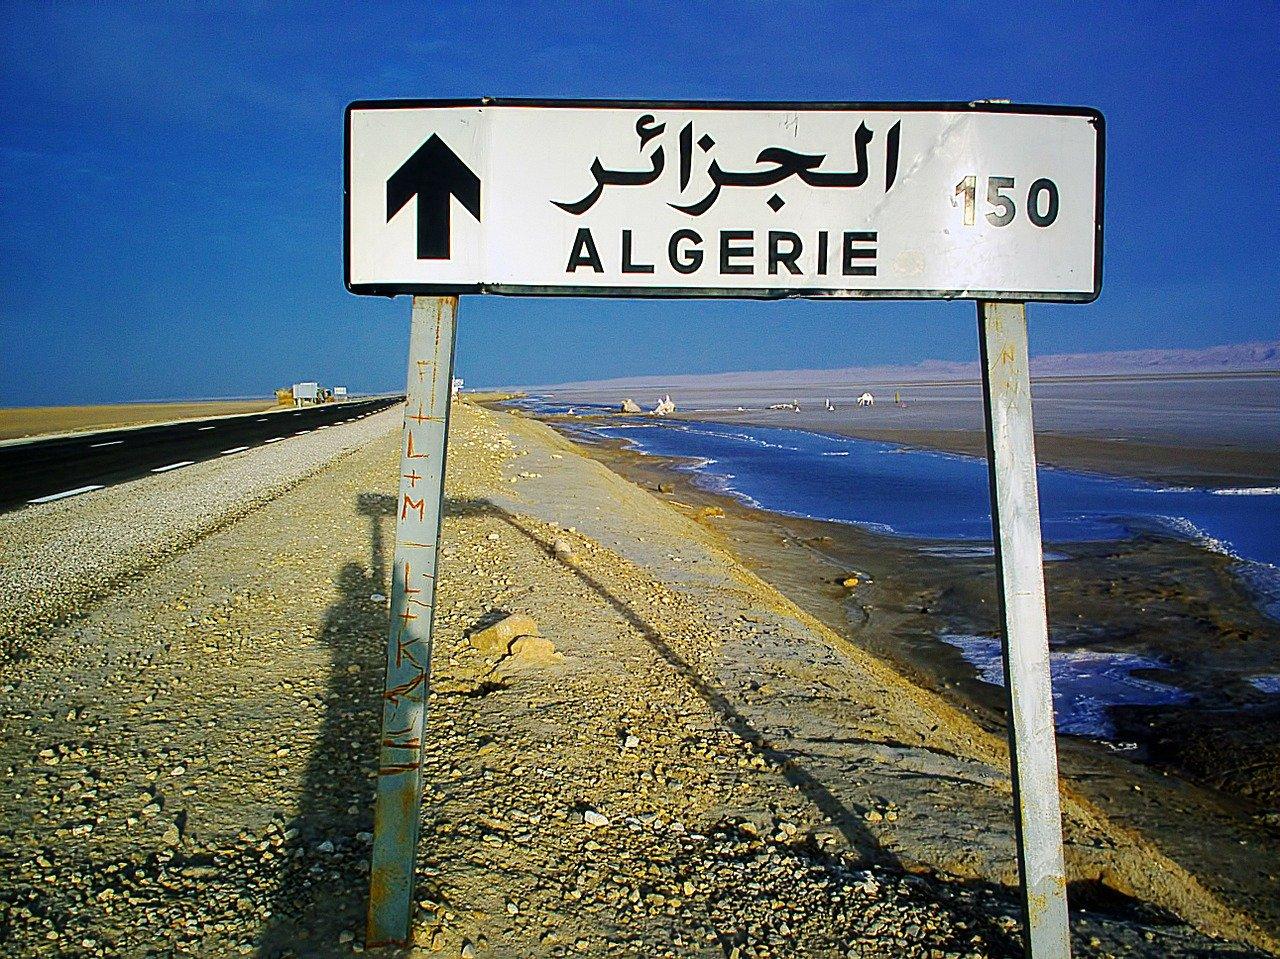 History Of Bubble Algeria In Hindi | बबल अल्जीरिया का इतिहास